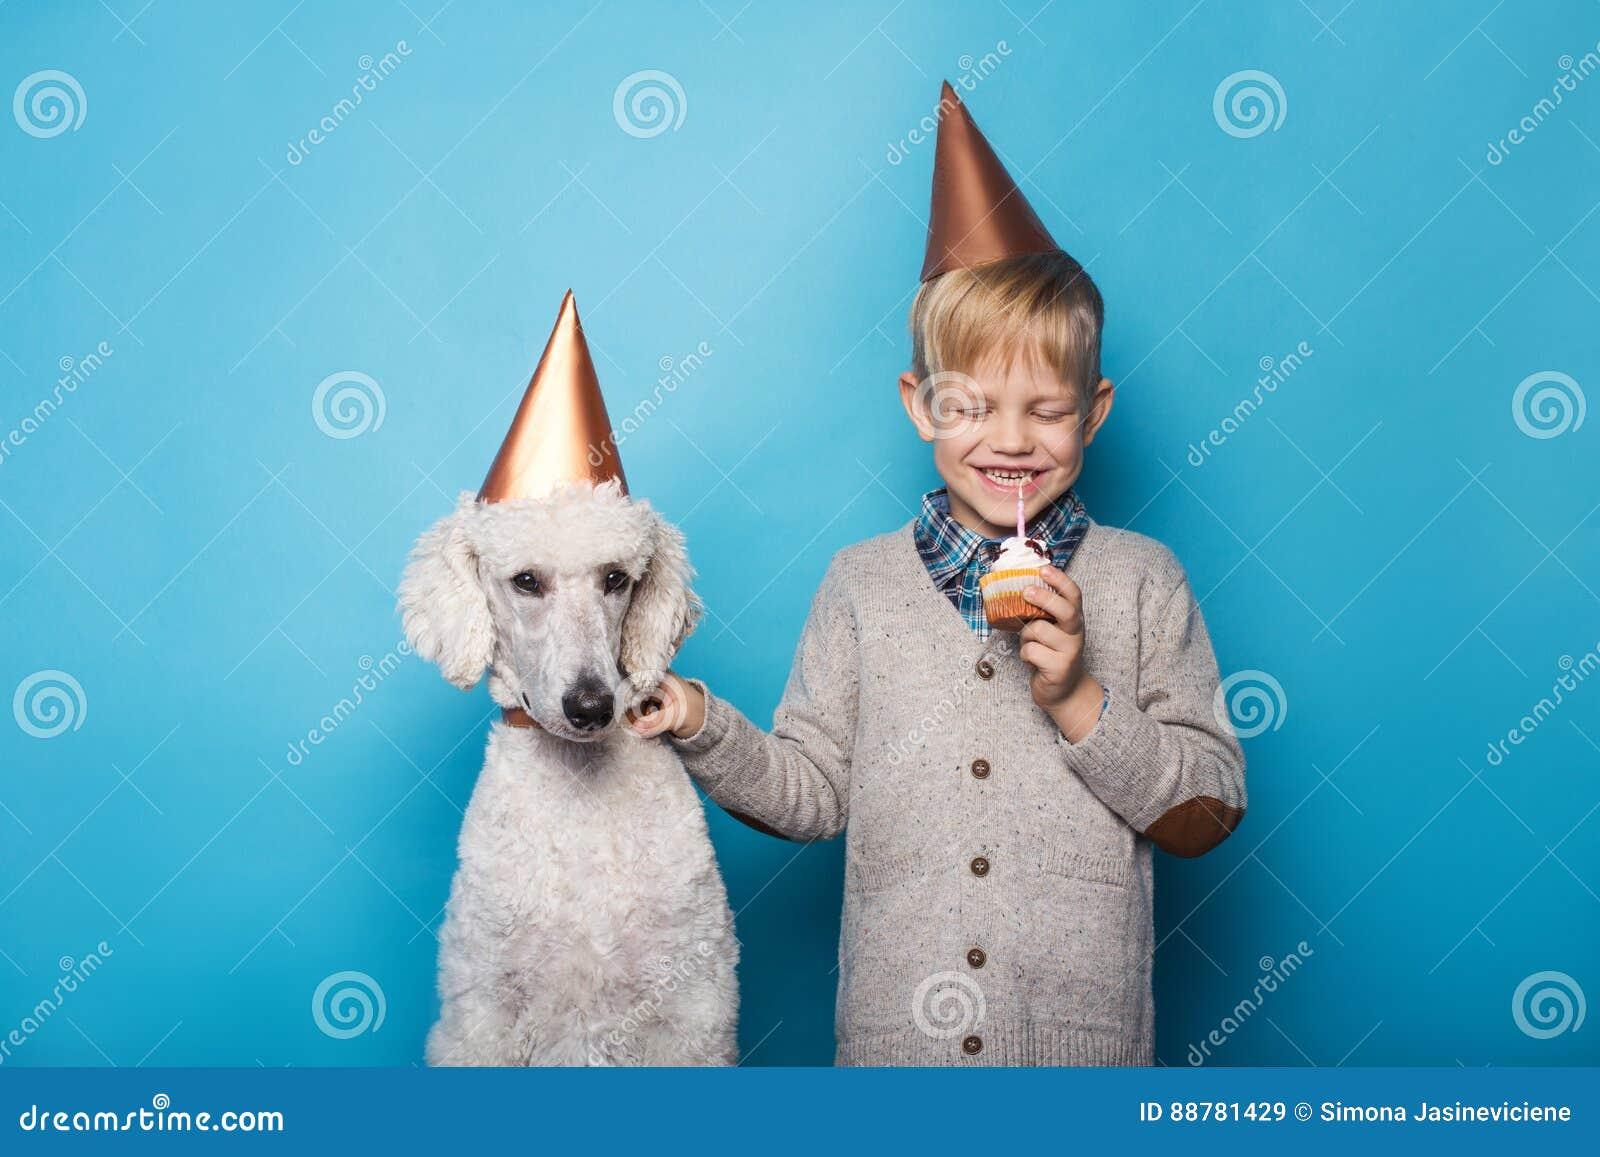 Kleiner hübscher Junge mit Hund feiern Geburtstag Freundschaft Liebe Kuchen mit Kerze Studioporträt über blauem Hintergrund